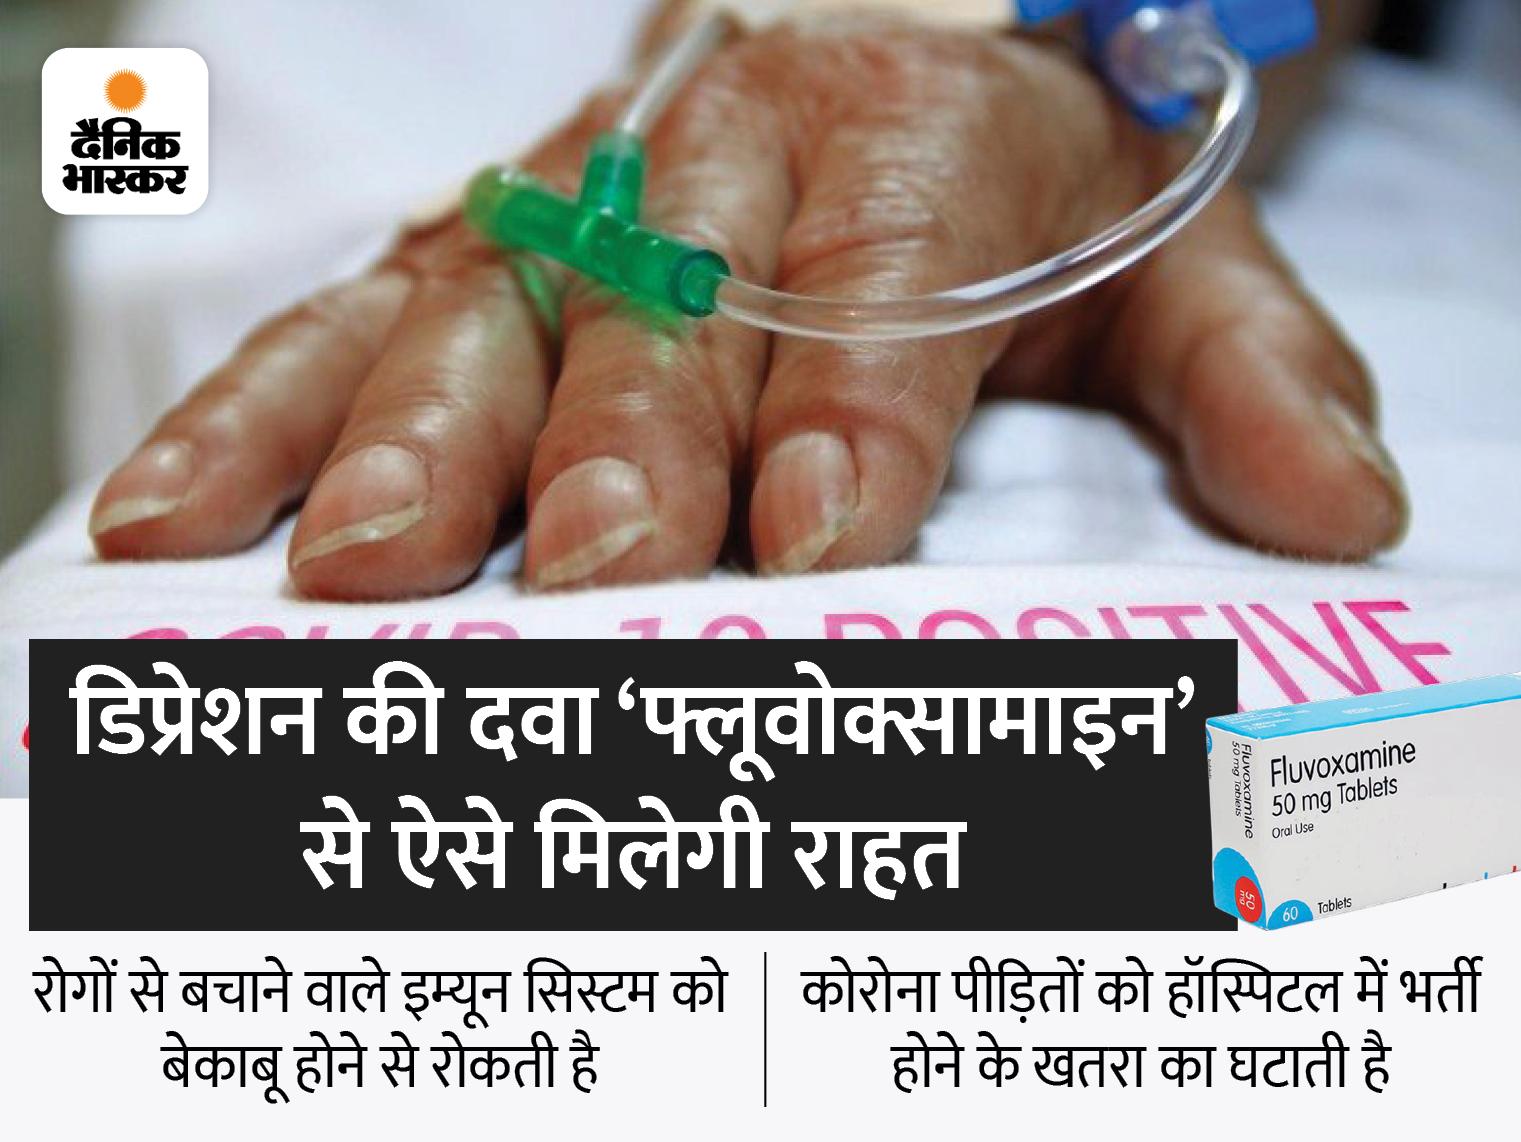 डिप्रेशन की दवा 'फ्लूवोक्सामाइन' कोविड होने पर हॉस्पिटल में भर्ती होने का खतरा घटाती है, यह इम्यून सिस्टम को बेकाबू होने से भी रोकती है|लाइफ & साइंस,Happy Life - Dainik Bhaskar